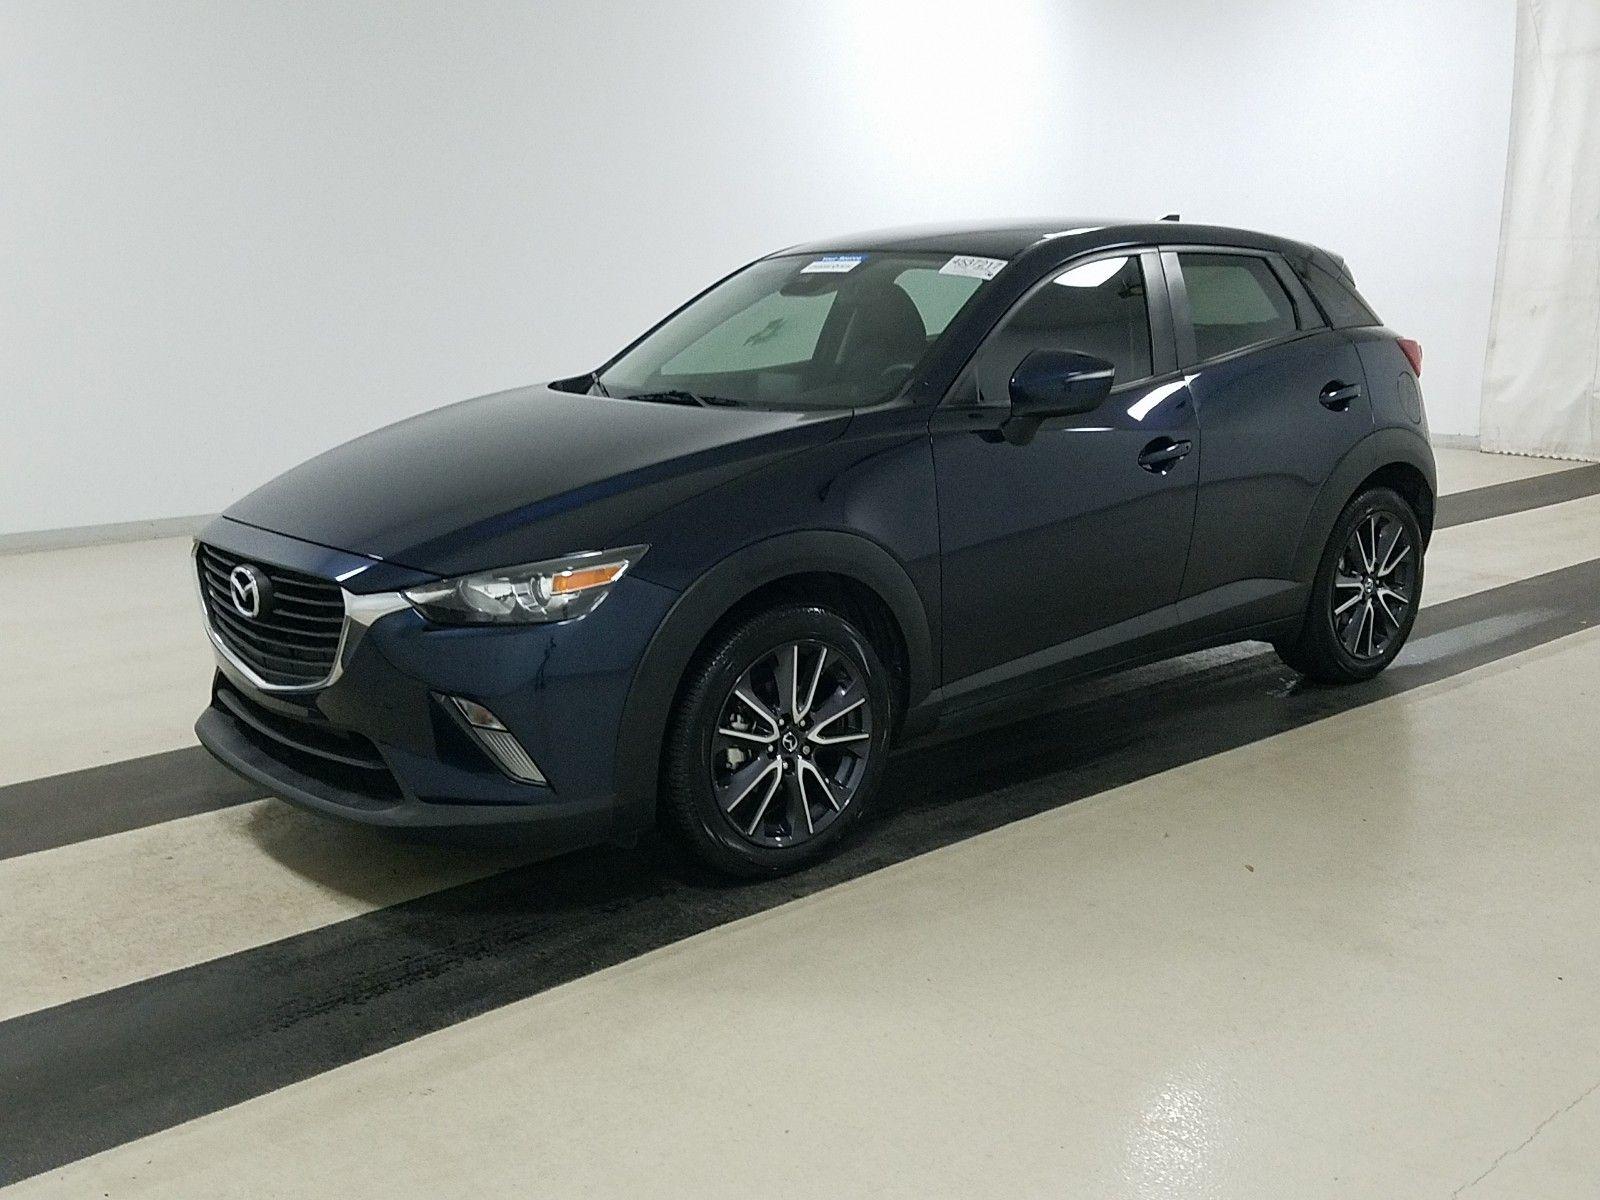 2018 Mazda Cx-3 2.0. Lot 99915980530 Vin JM1DKDC77J0322115